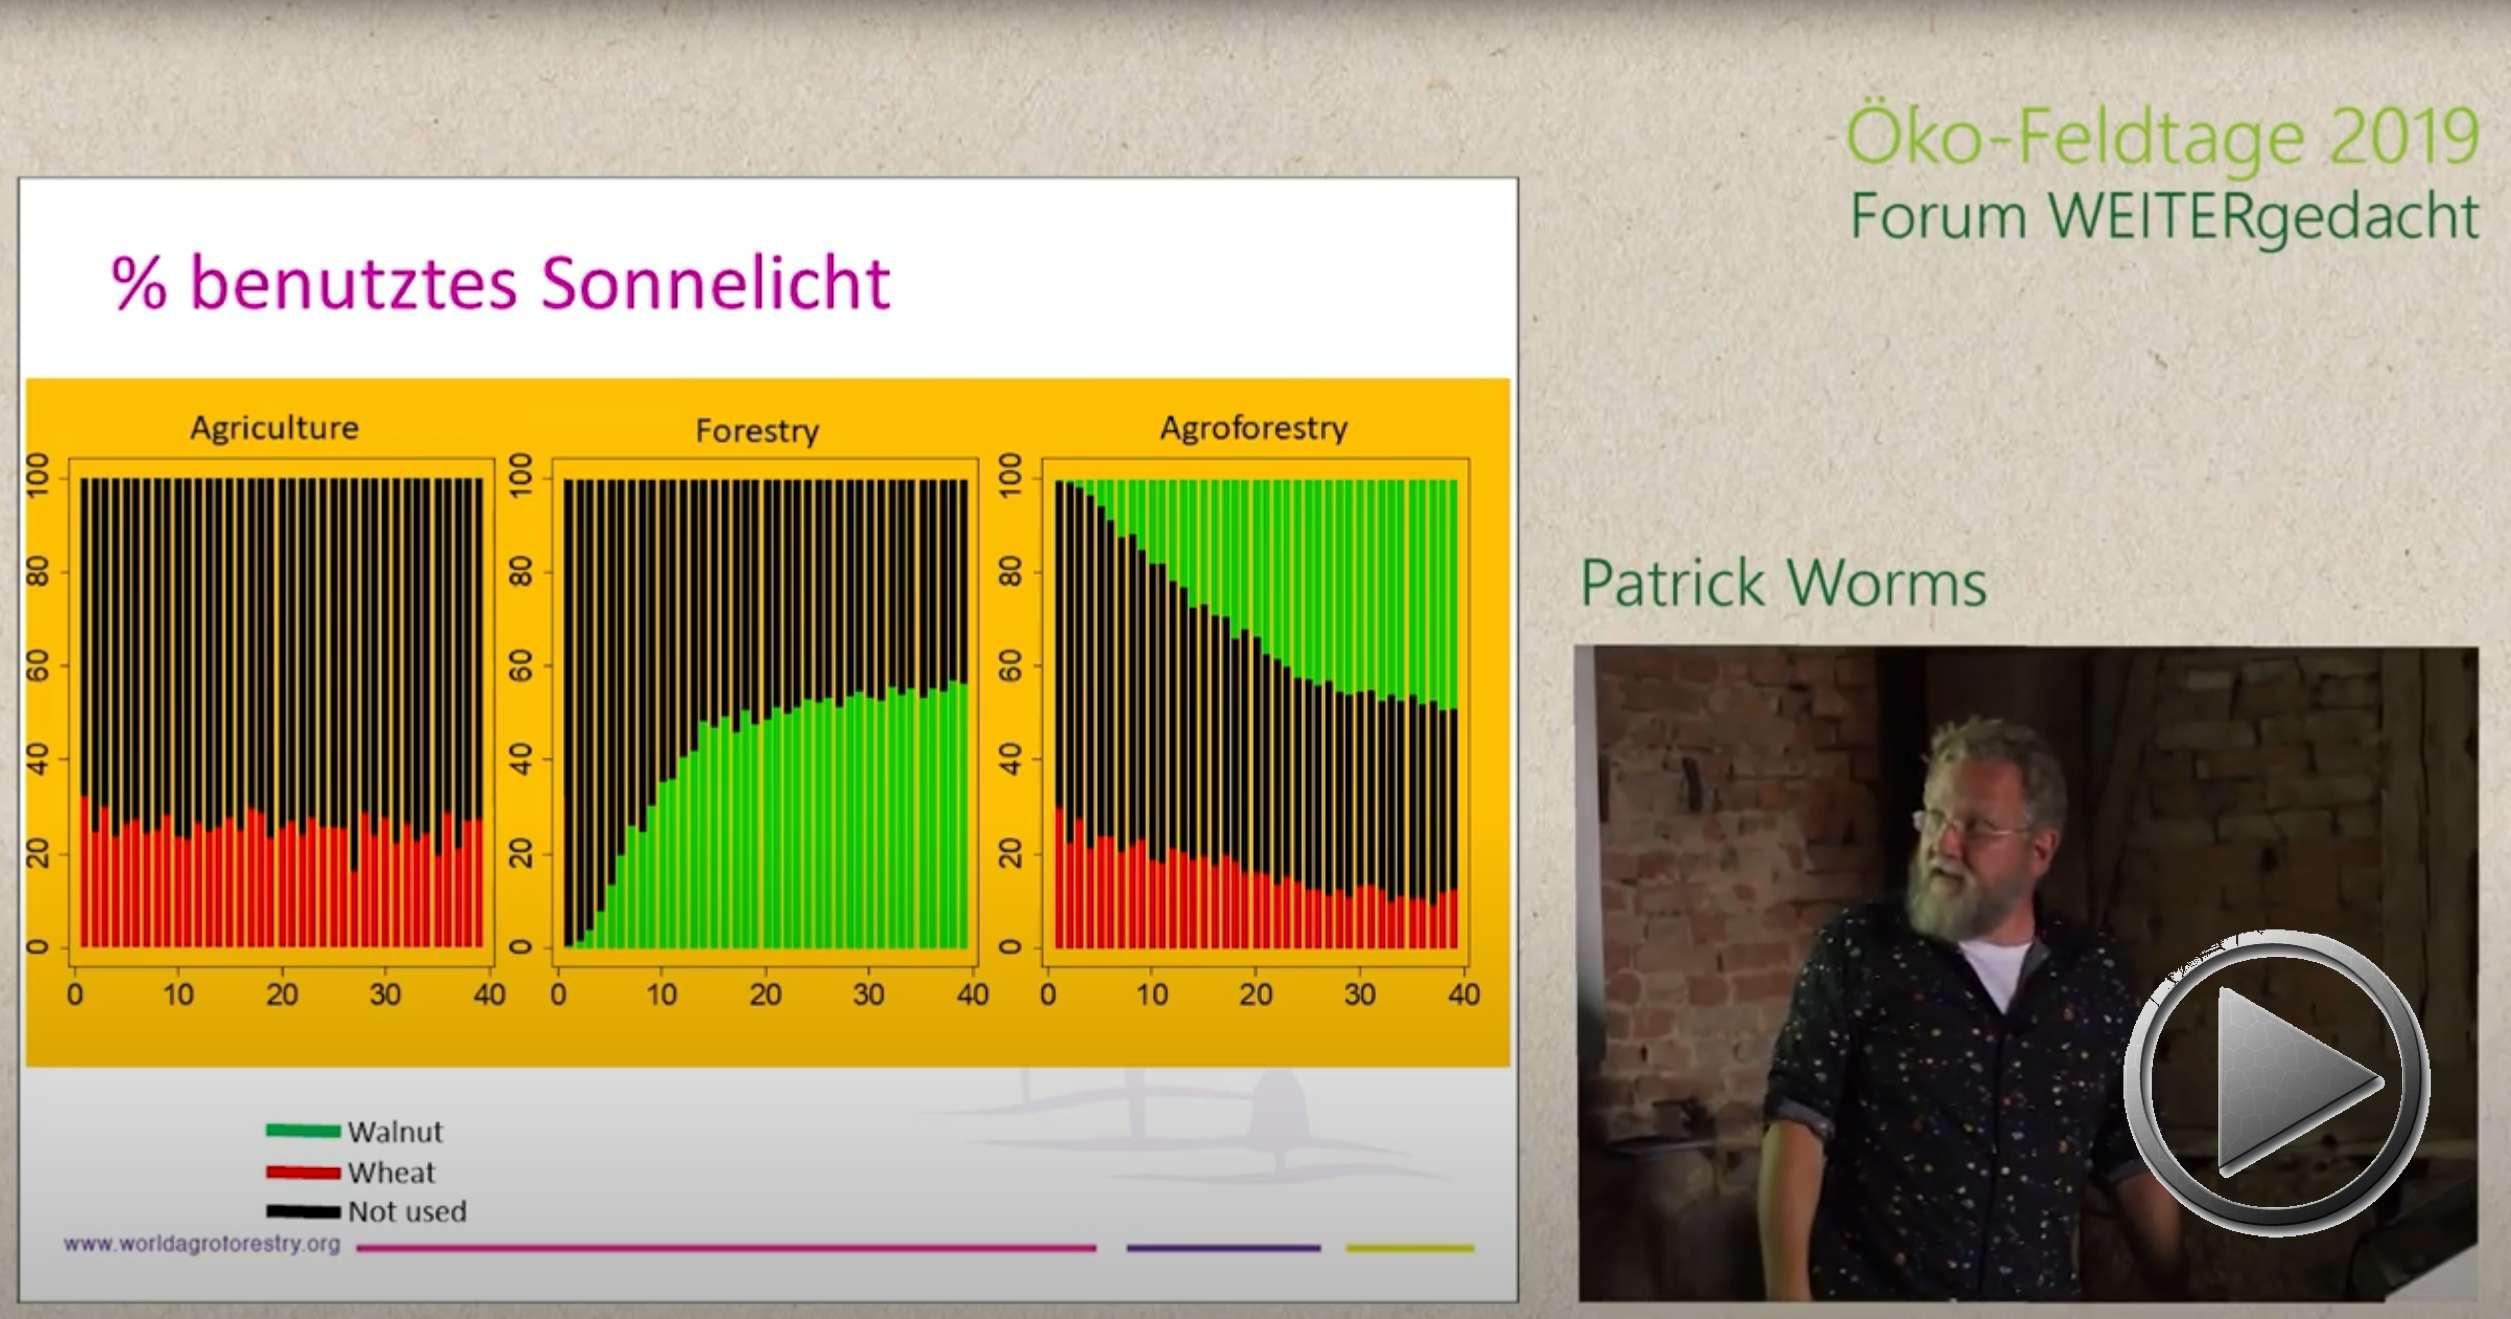 Präsentation: Agroforstwirtschaft weltweit und in Europa. Patrick Worms